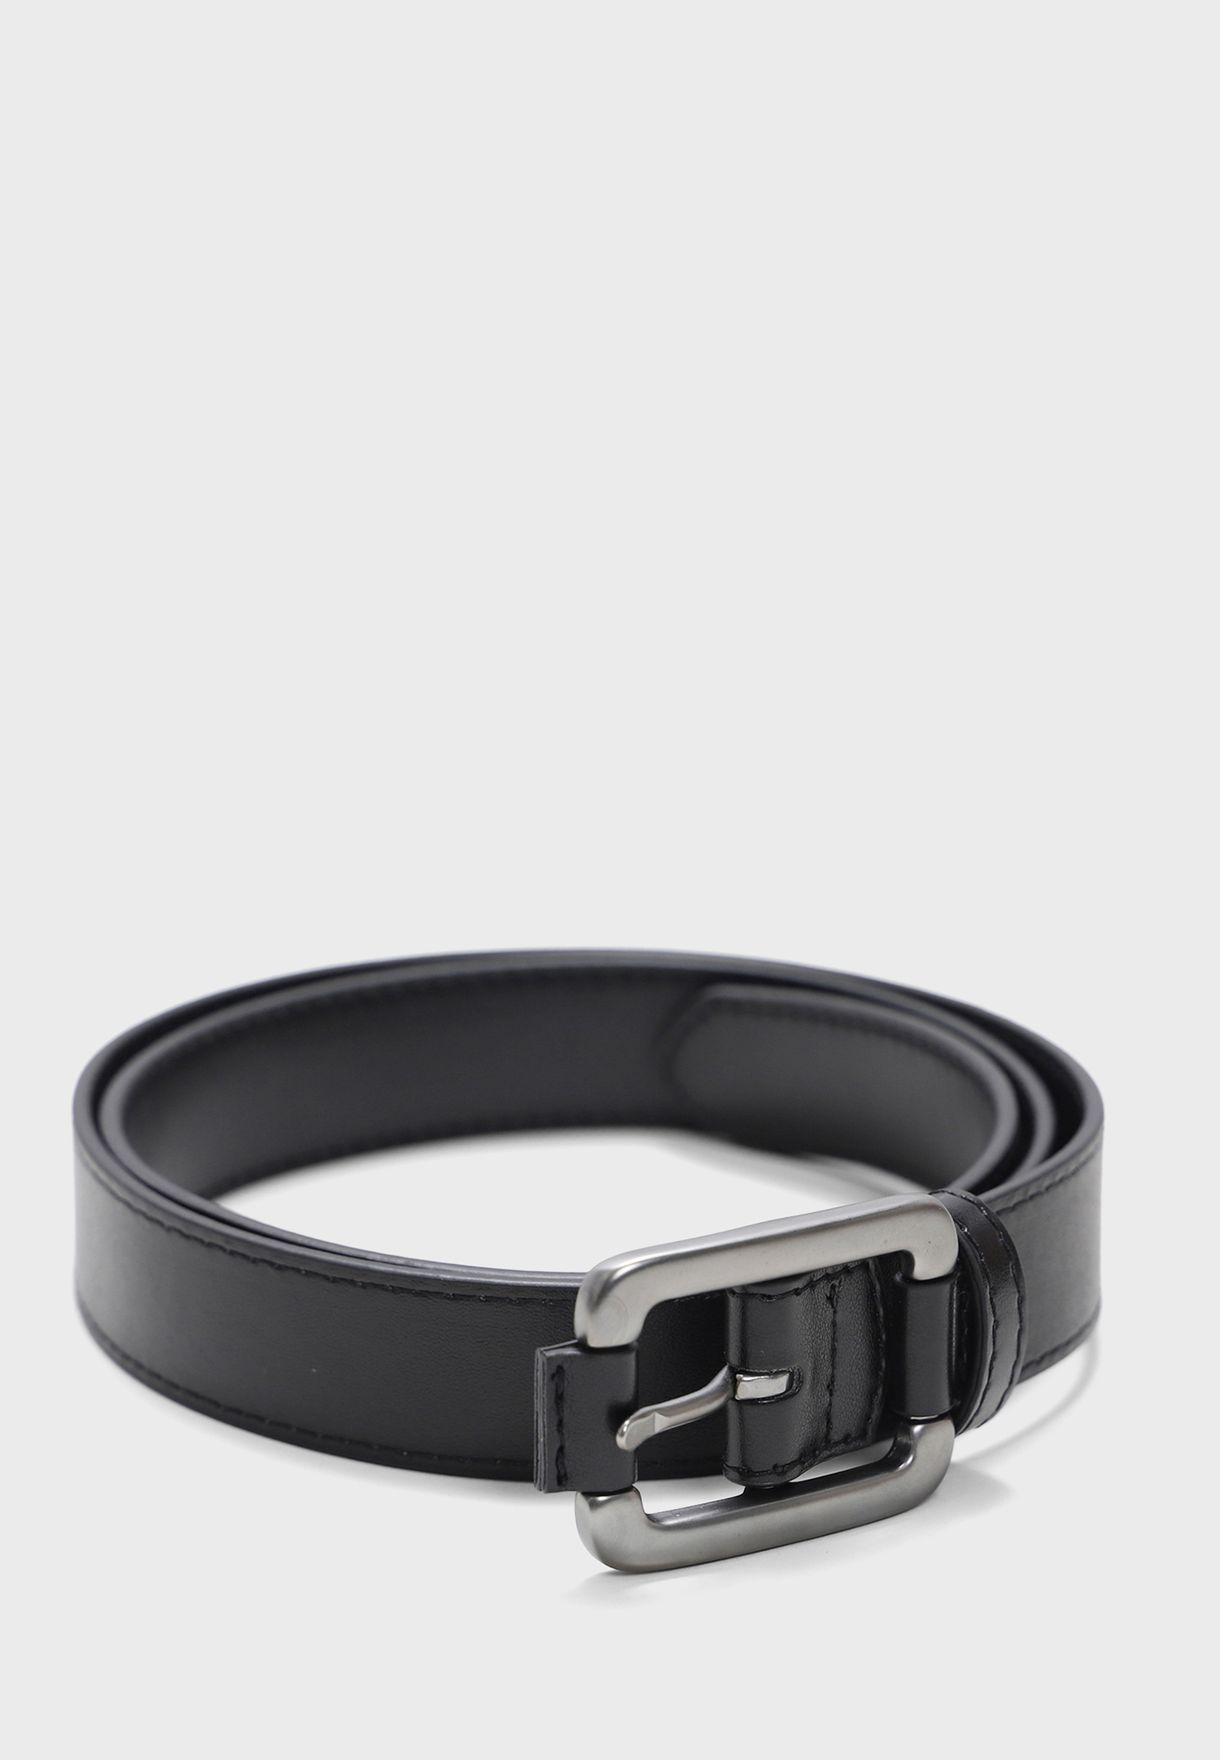 حزام بابزيم مربع الشكل